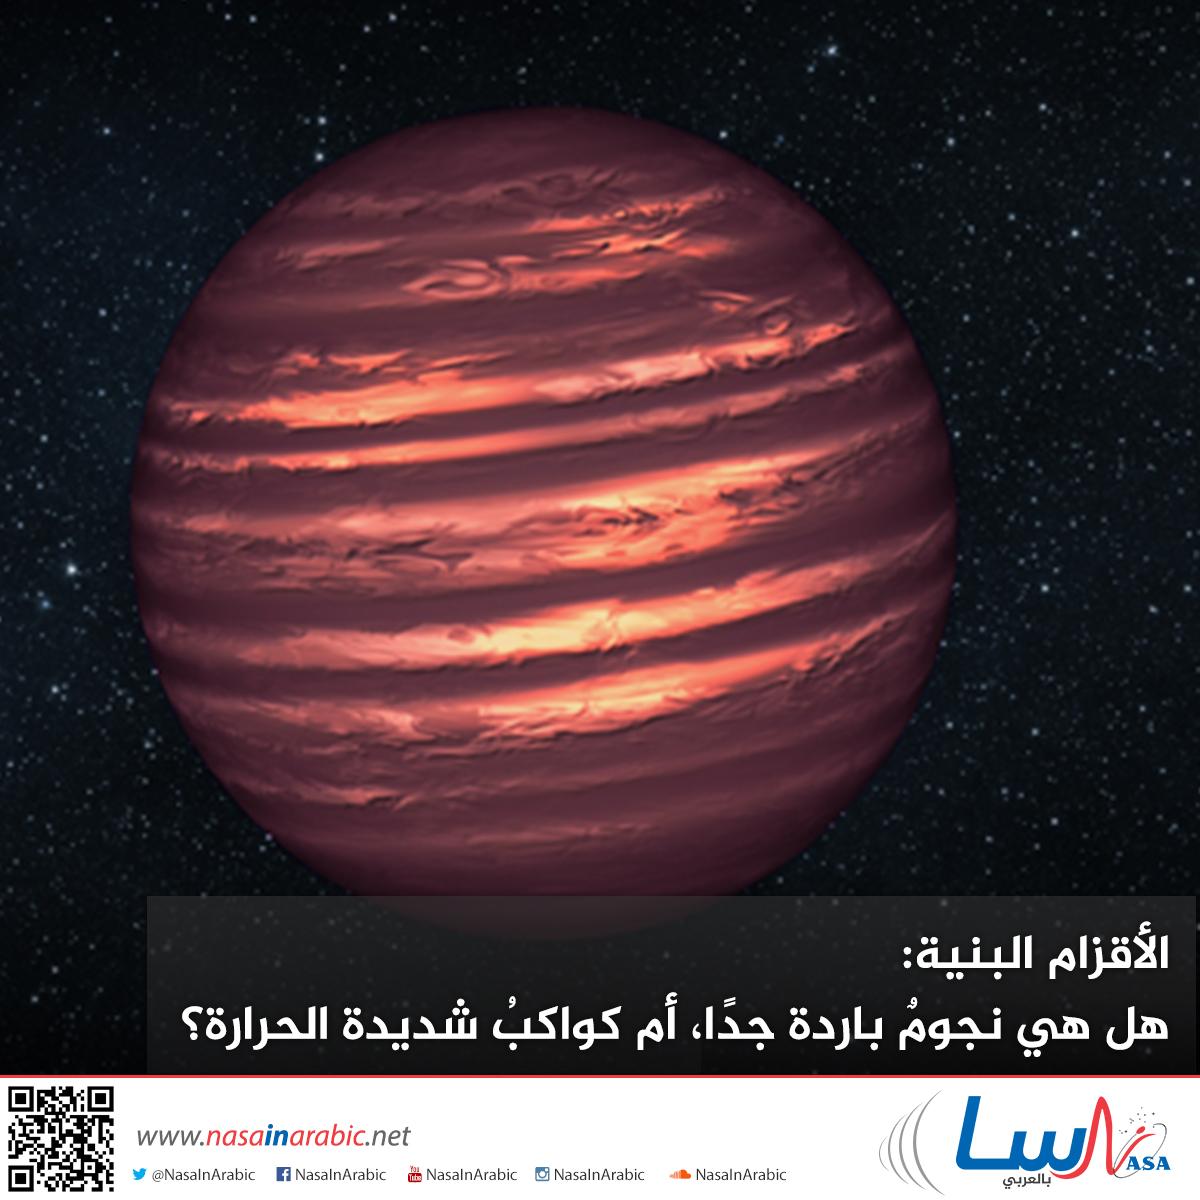 الأقزام البنية: هل هي نجومٌ باردة جدًا، أم كواكبُ شديدة الحرارة؟